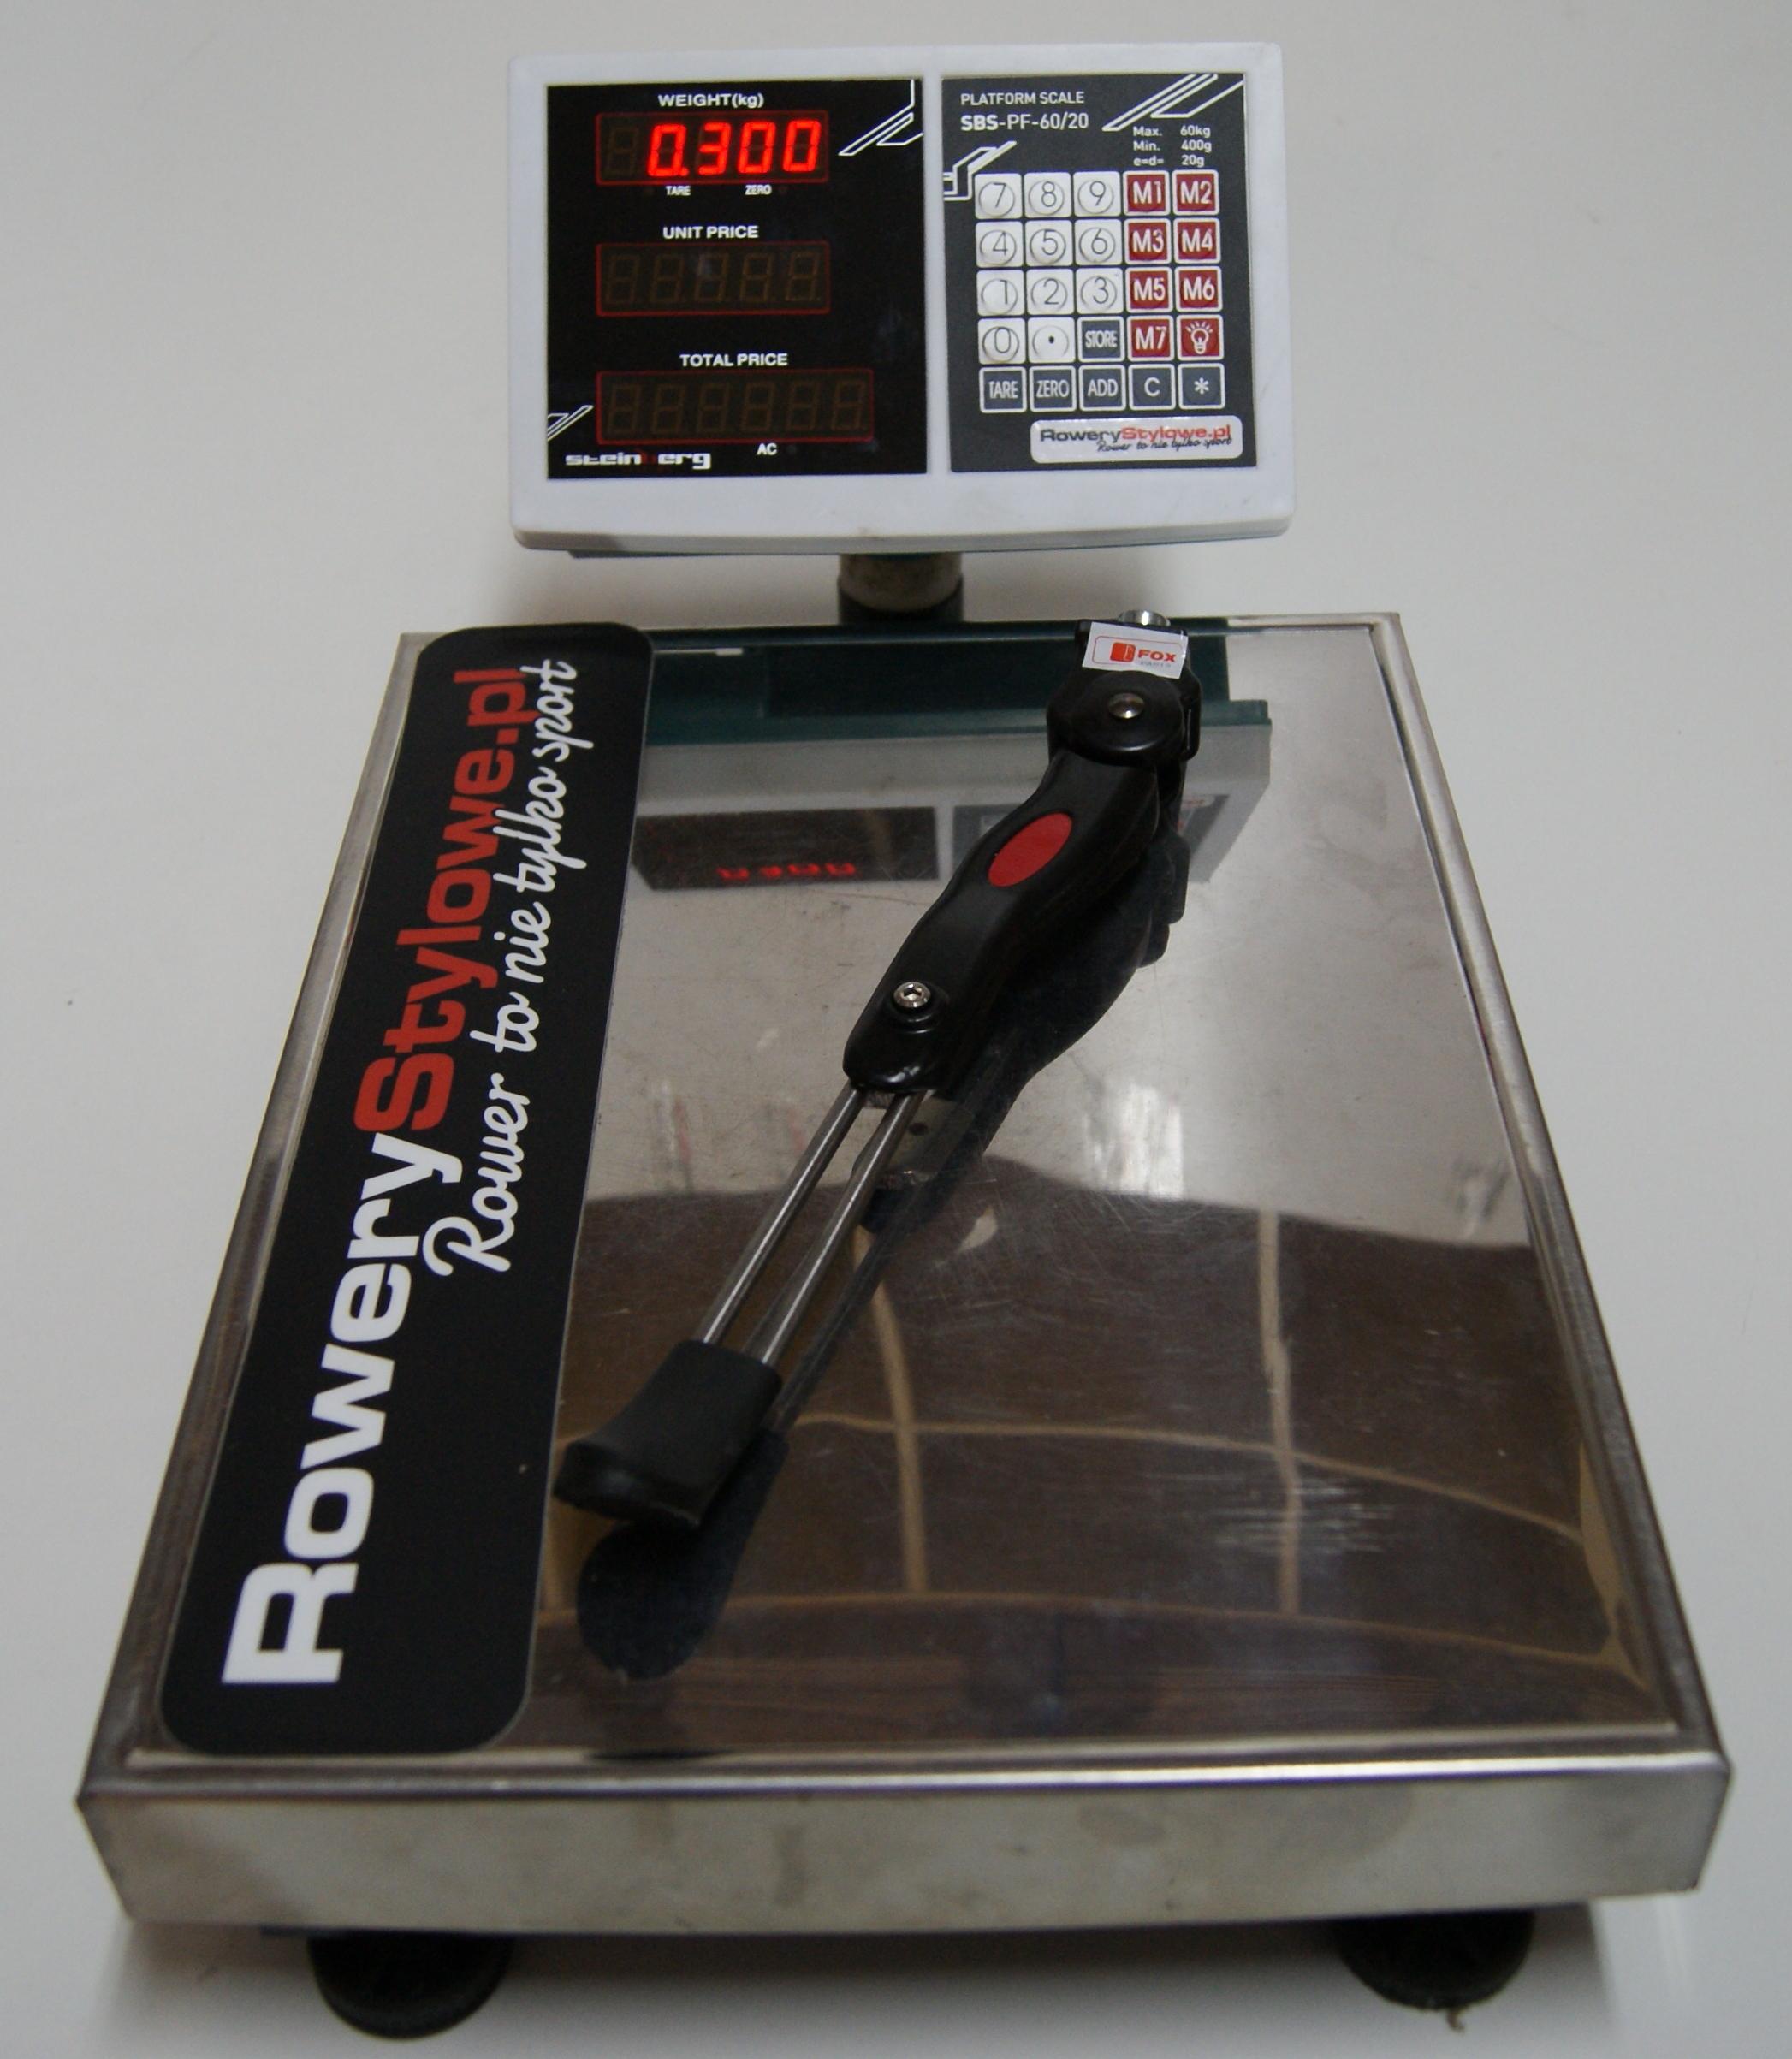 Nóżka rowerowa CD-109 300 gram